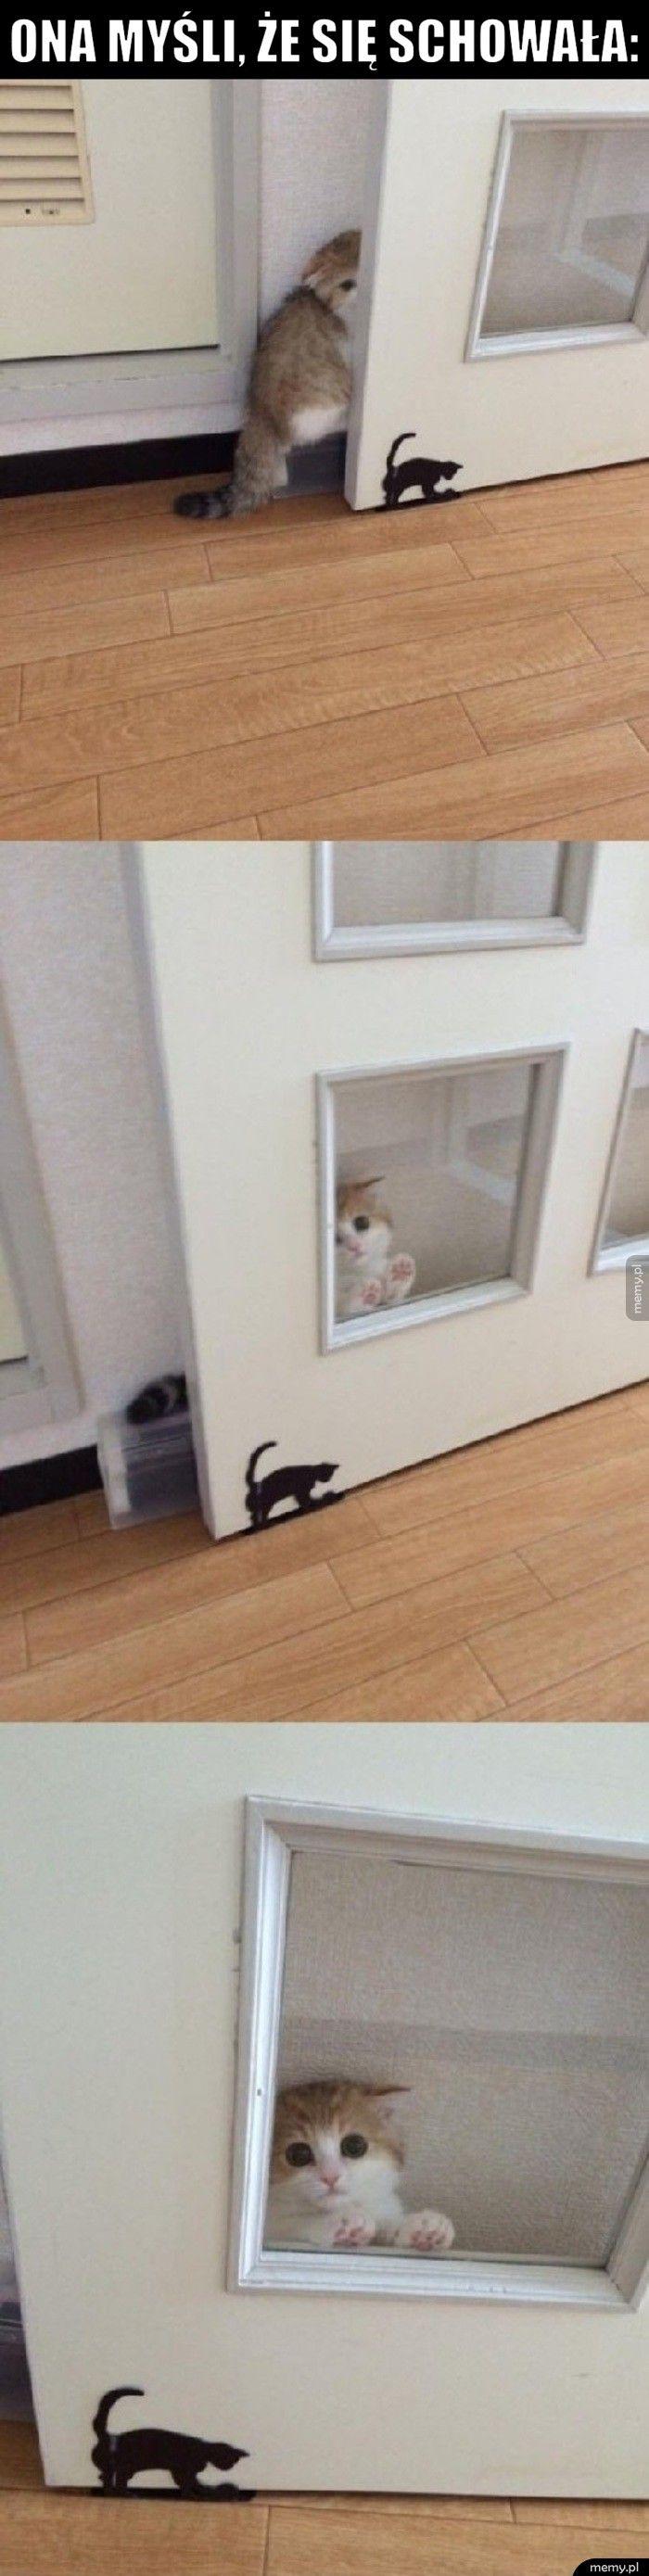 Ona myśli, że się schowała: